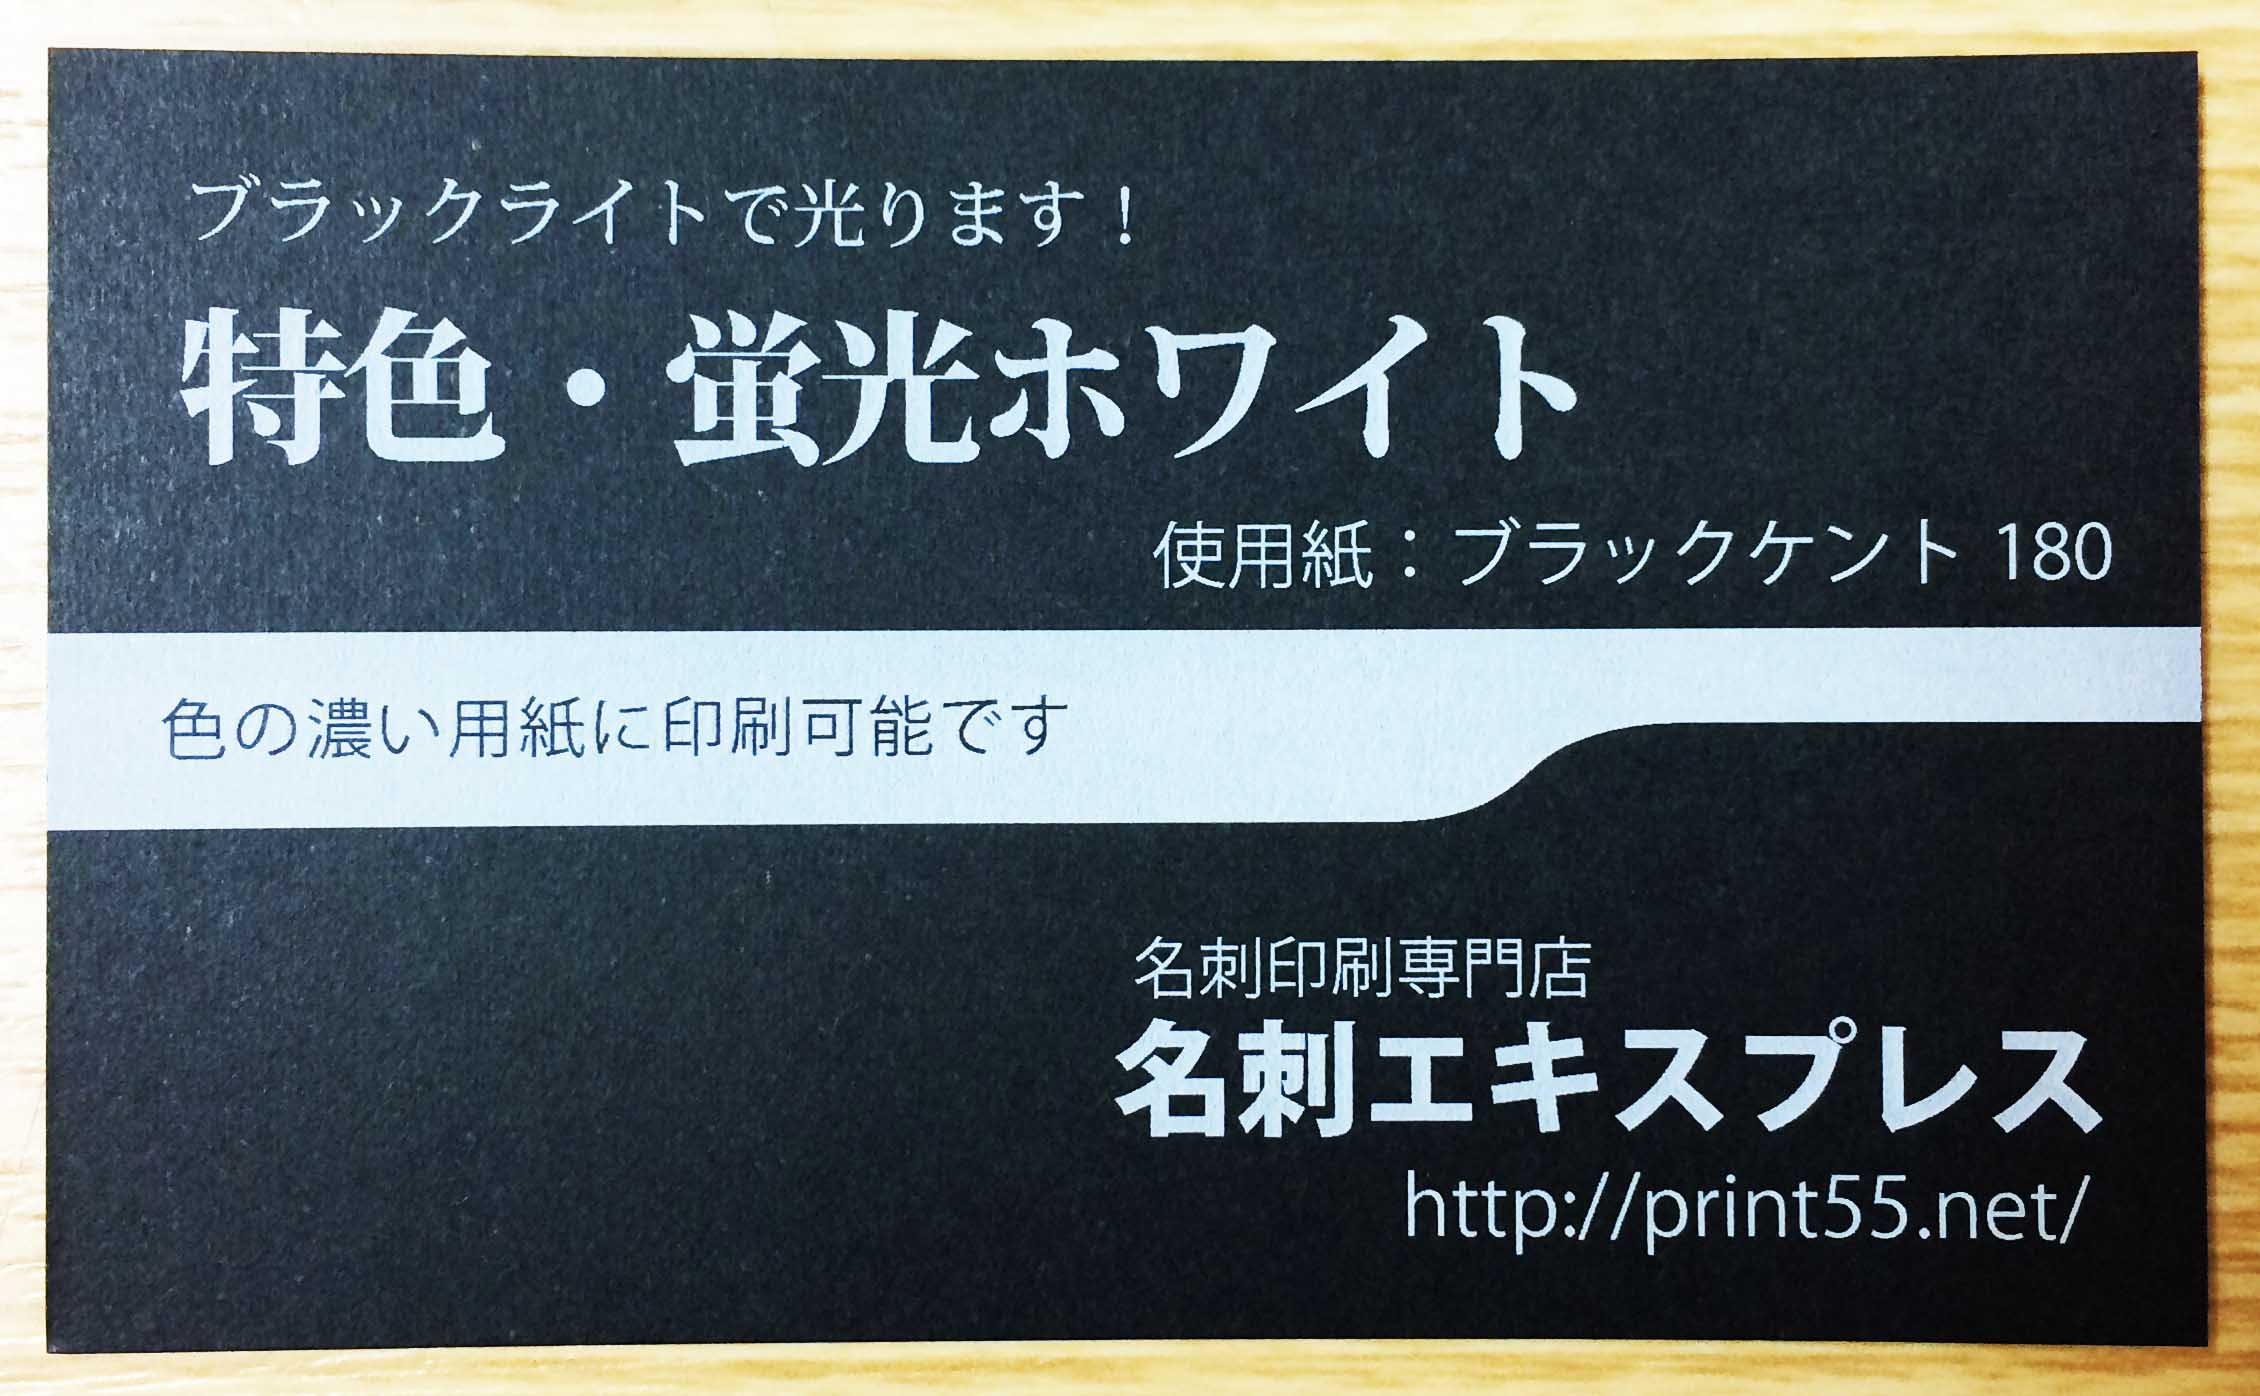 蛍光ホワイト名刺印刷サンプル